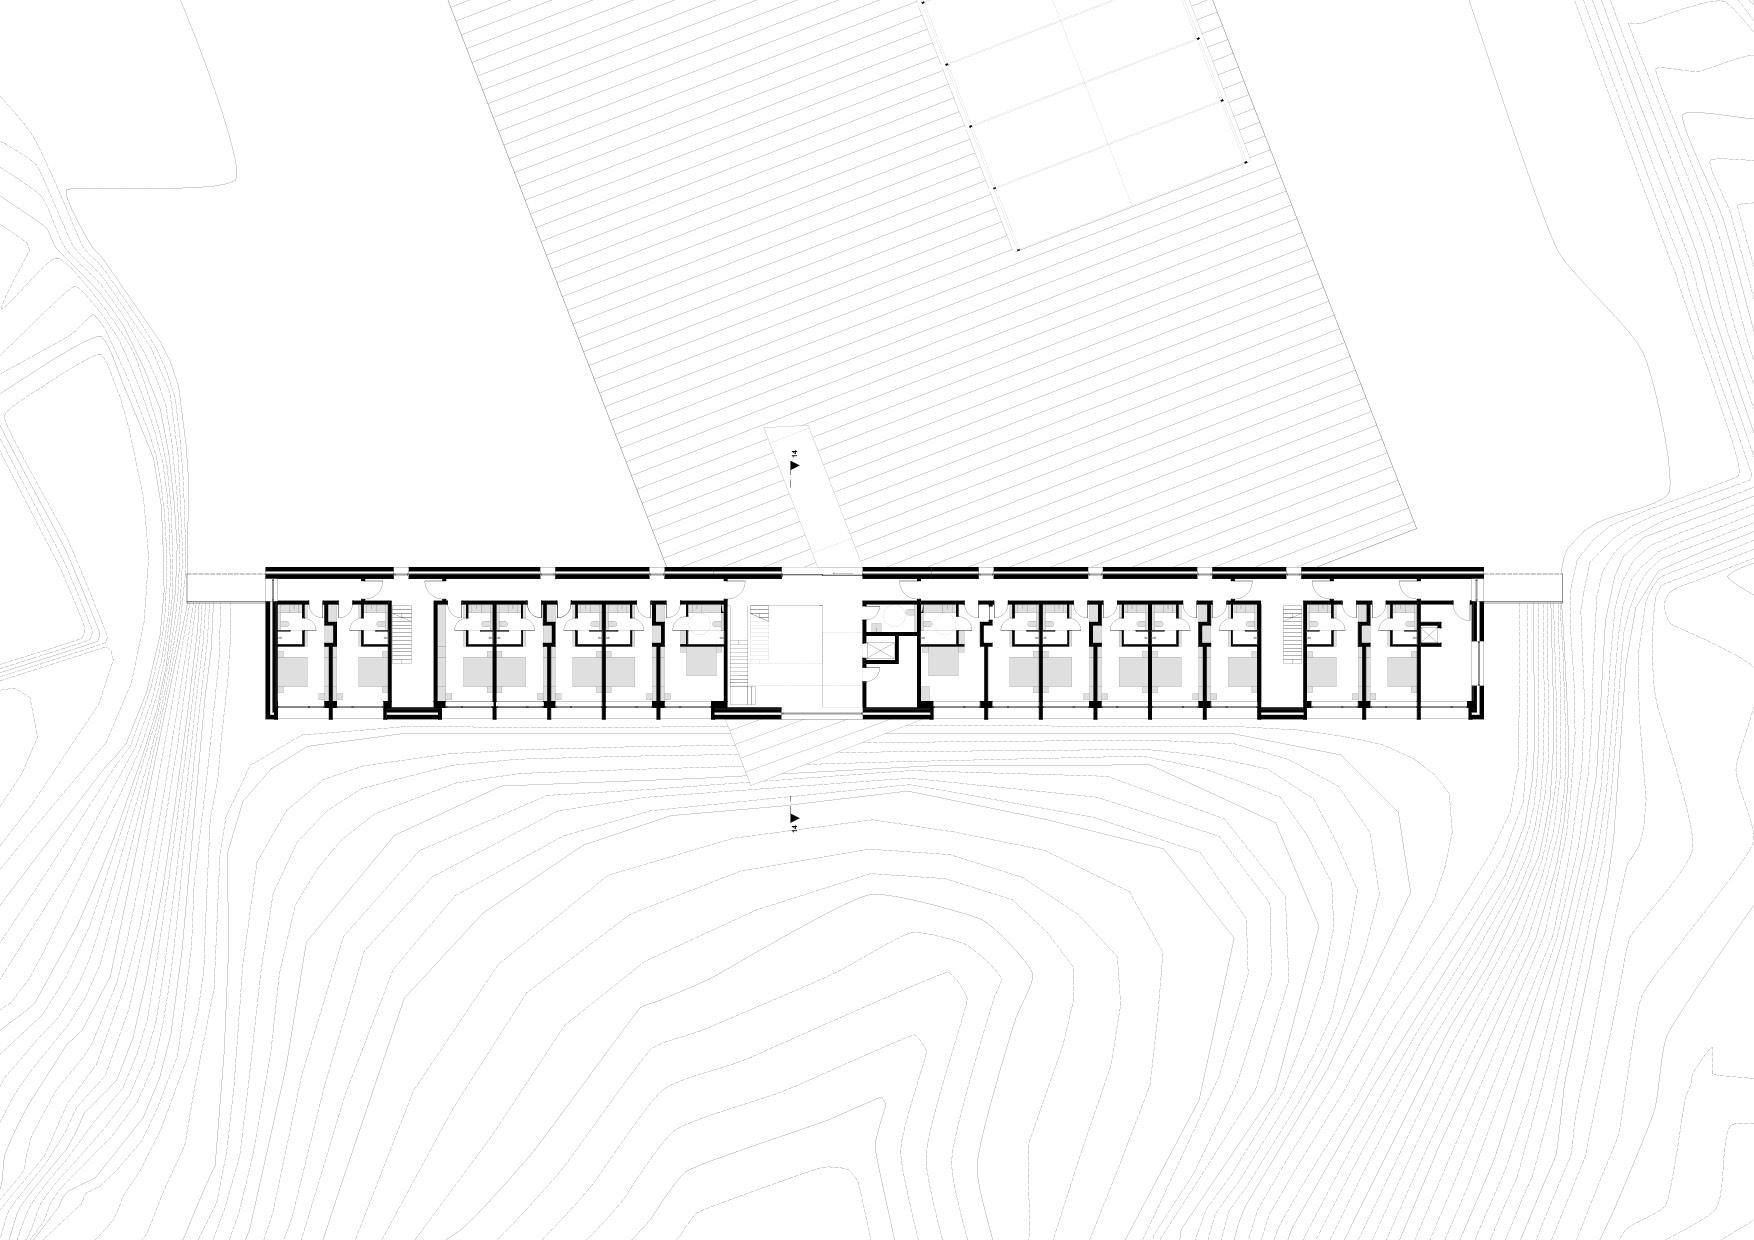 KUBIK Architektur - Studio für Architektur Berlin - architecture - Projekt - Hotel - Erdgeschoss